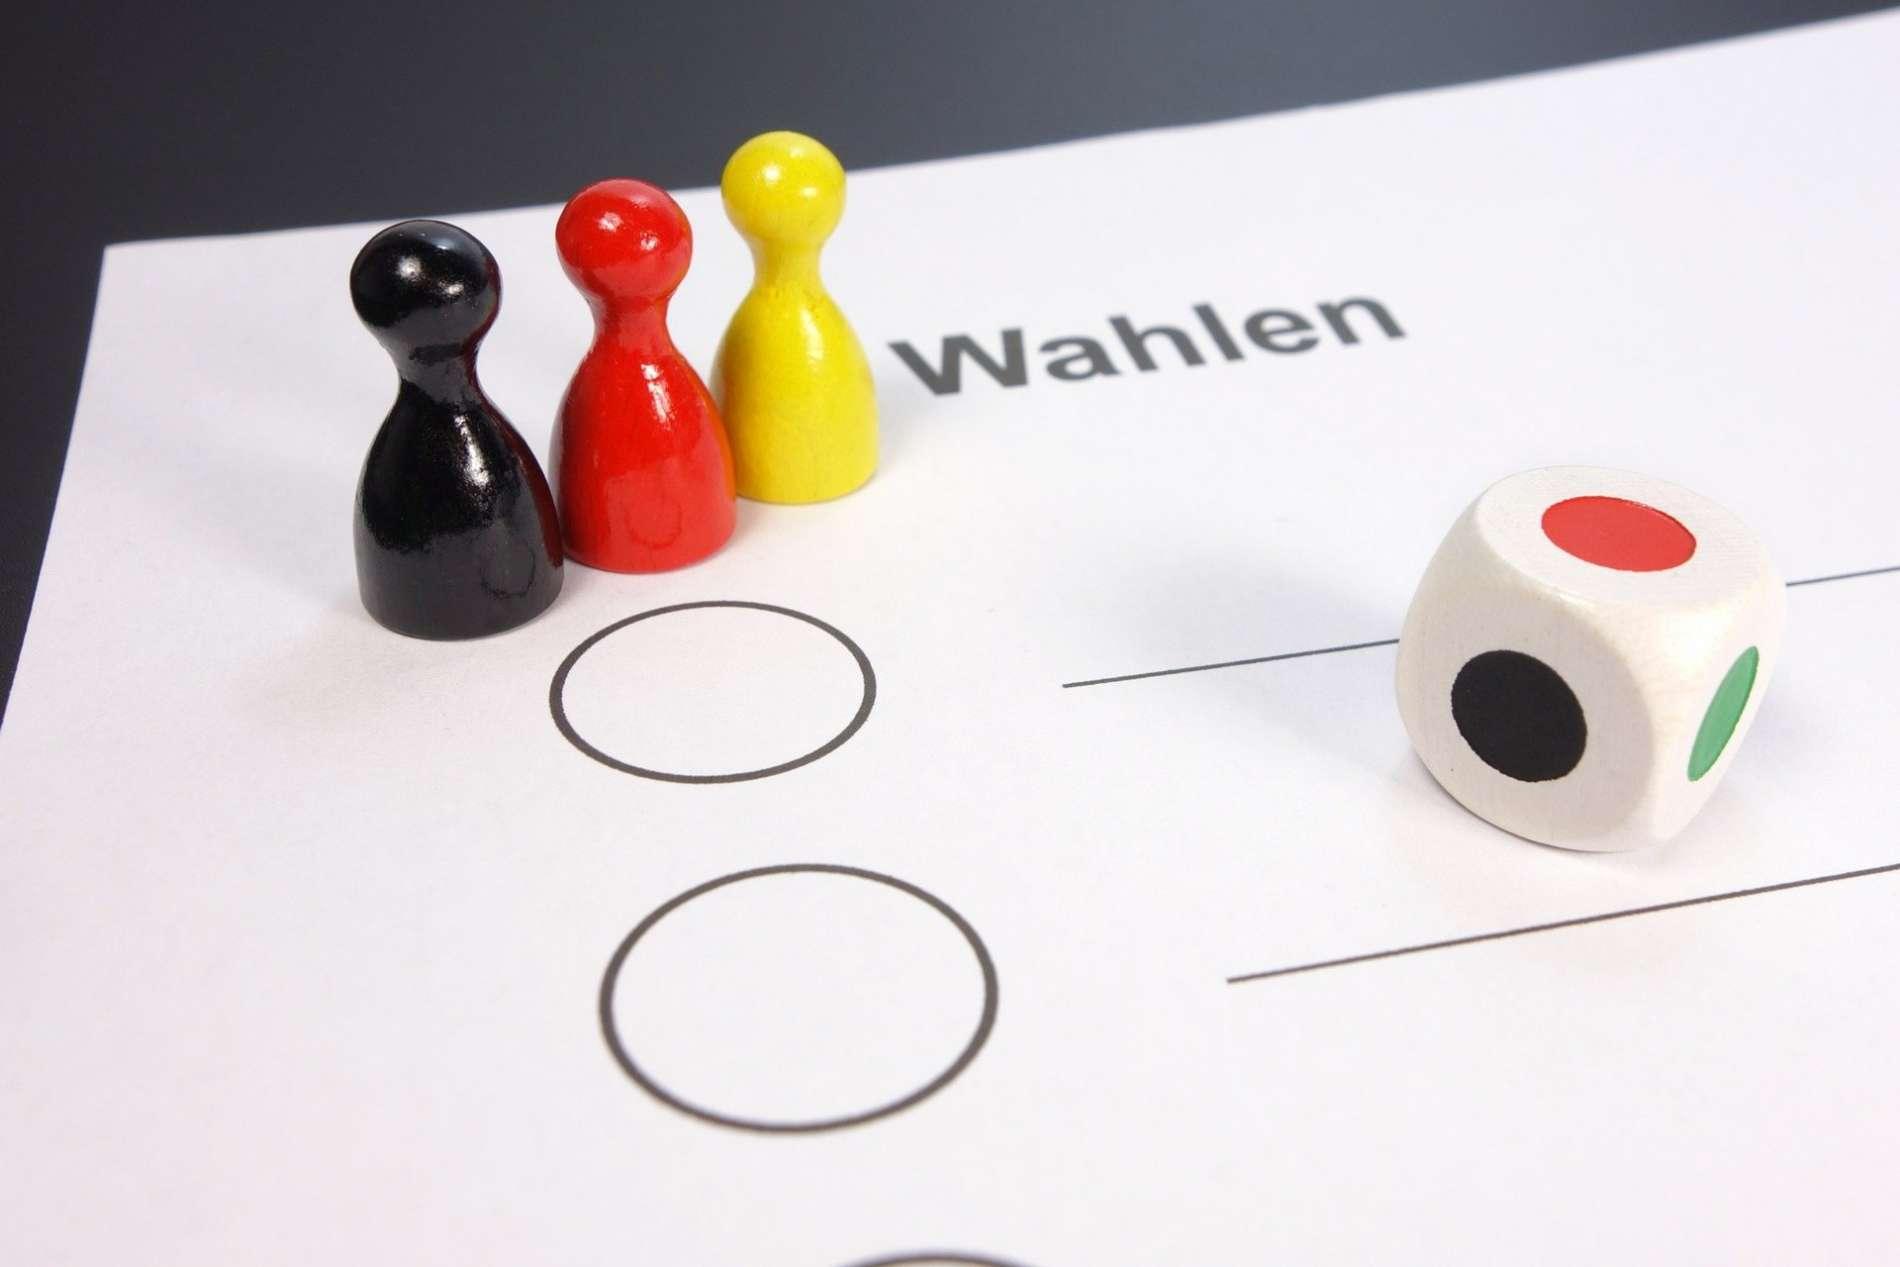 Warburg Kommunalwahlen 2020